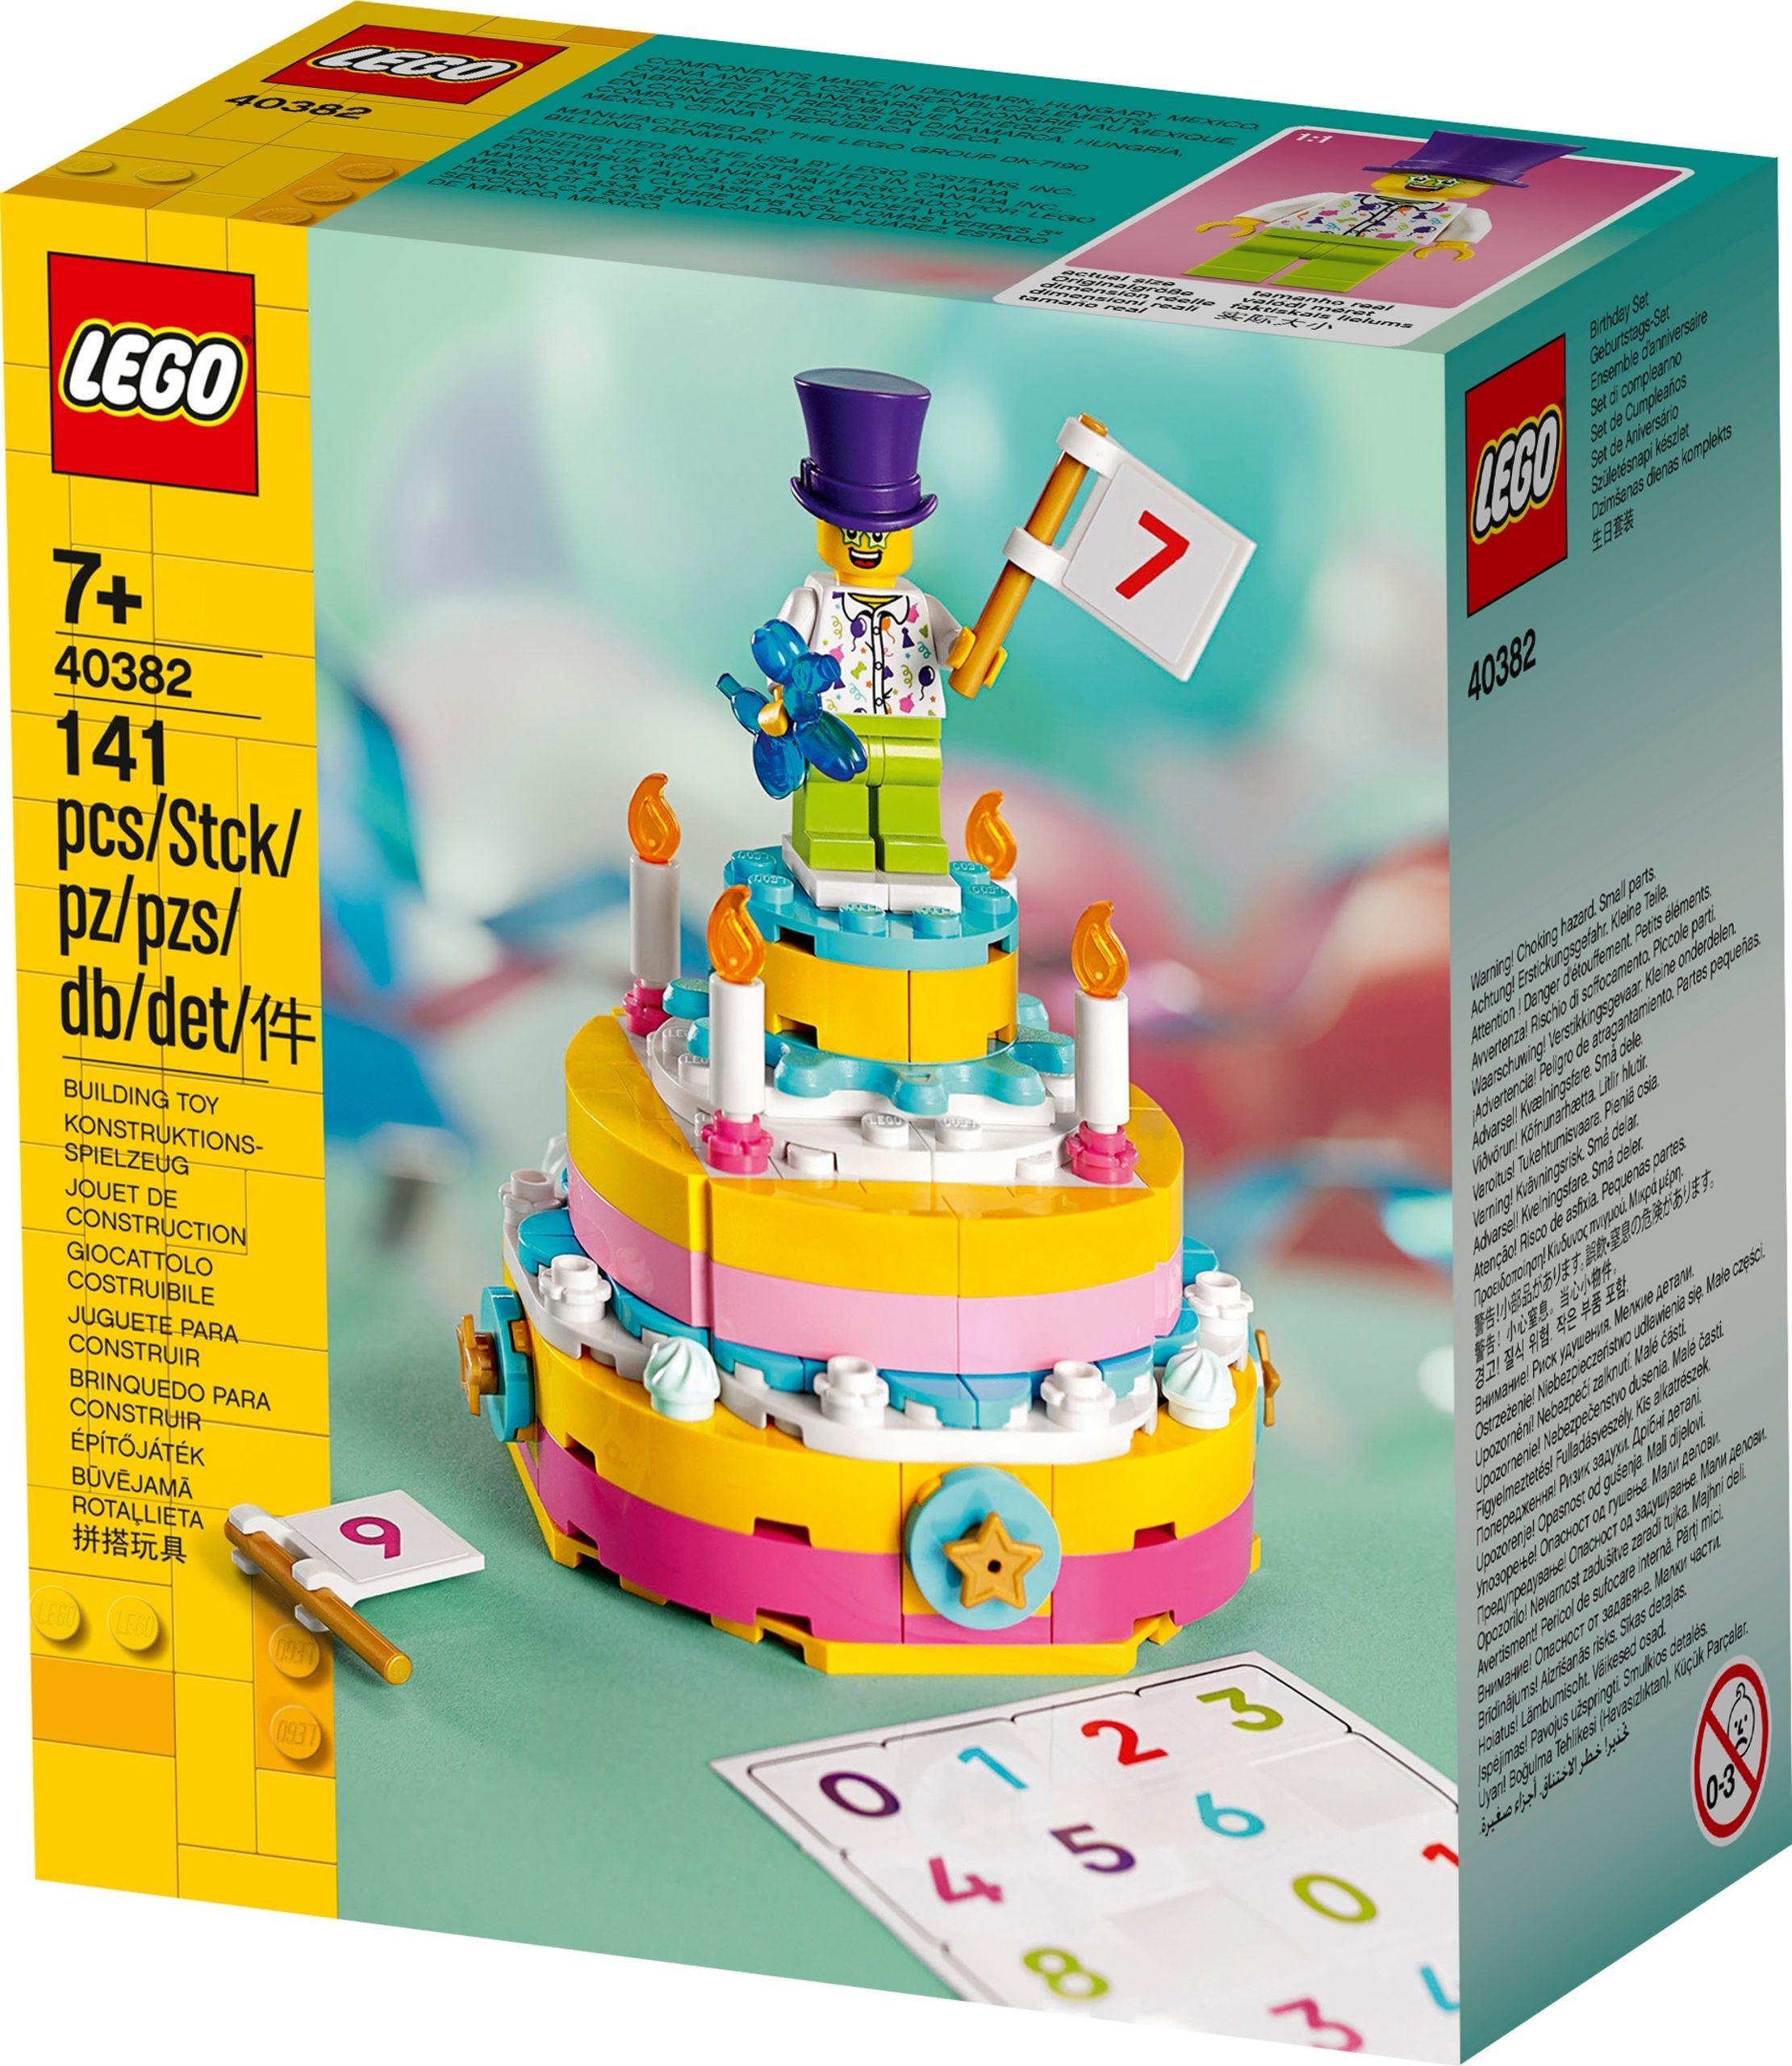 lego 40382 birthday set scaled